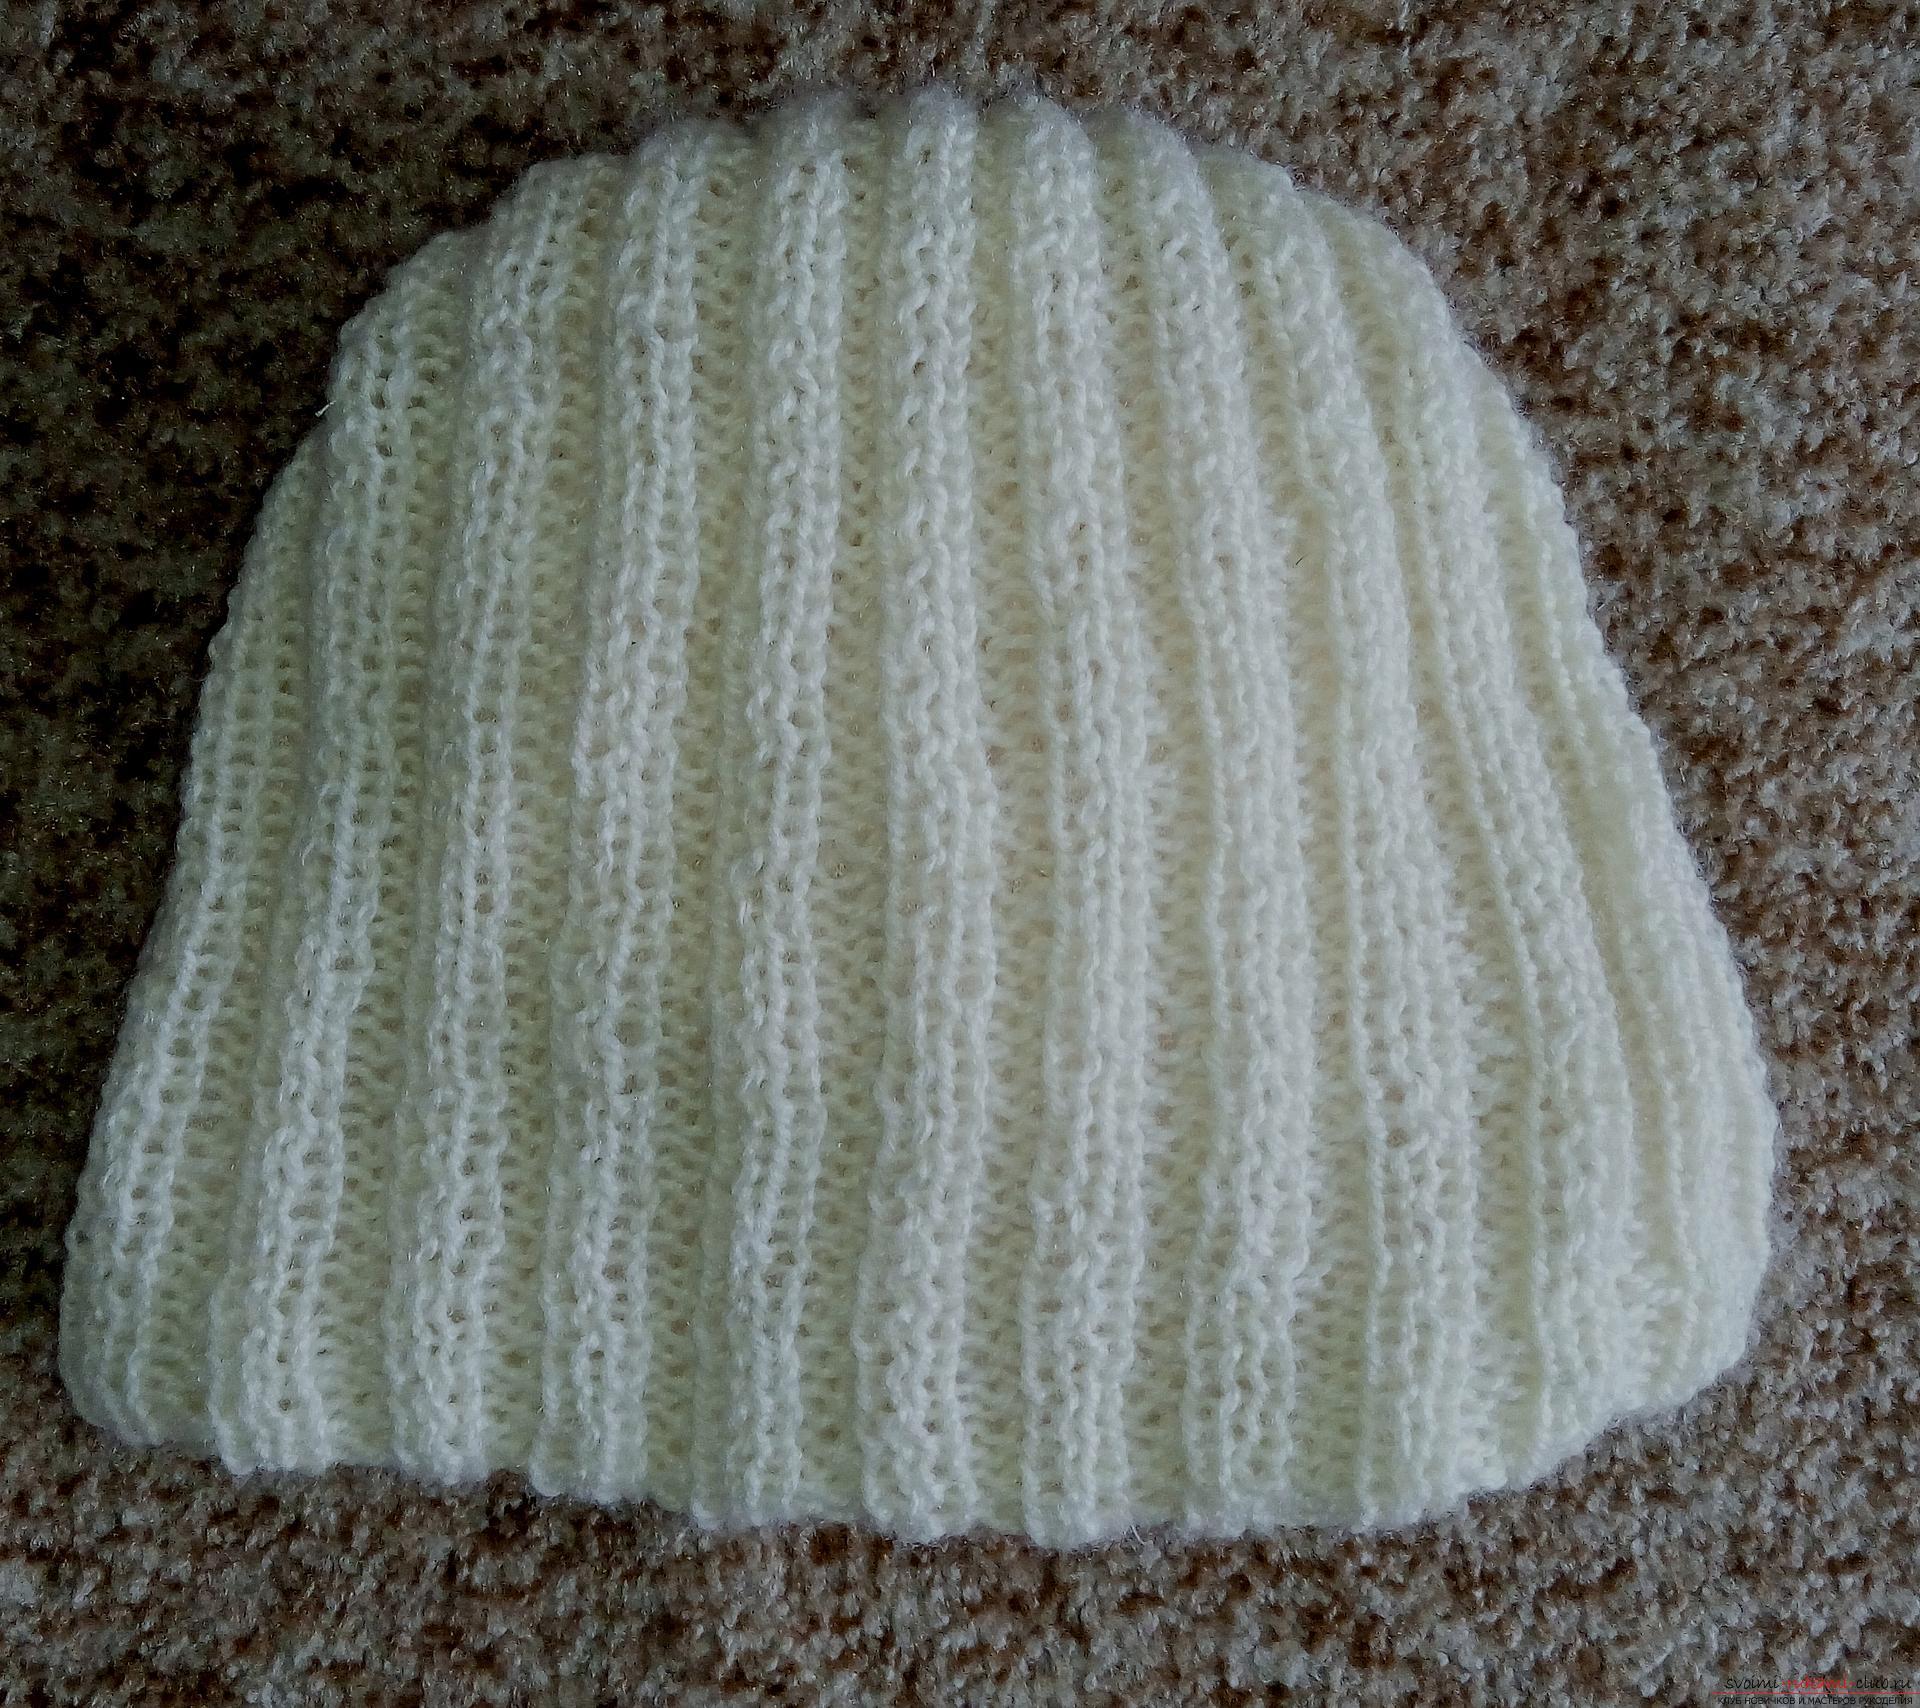 Этот подробный мастер-класс вязания спицами шапки со схемой и описанием научит как связать своими руками женскую шапку